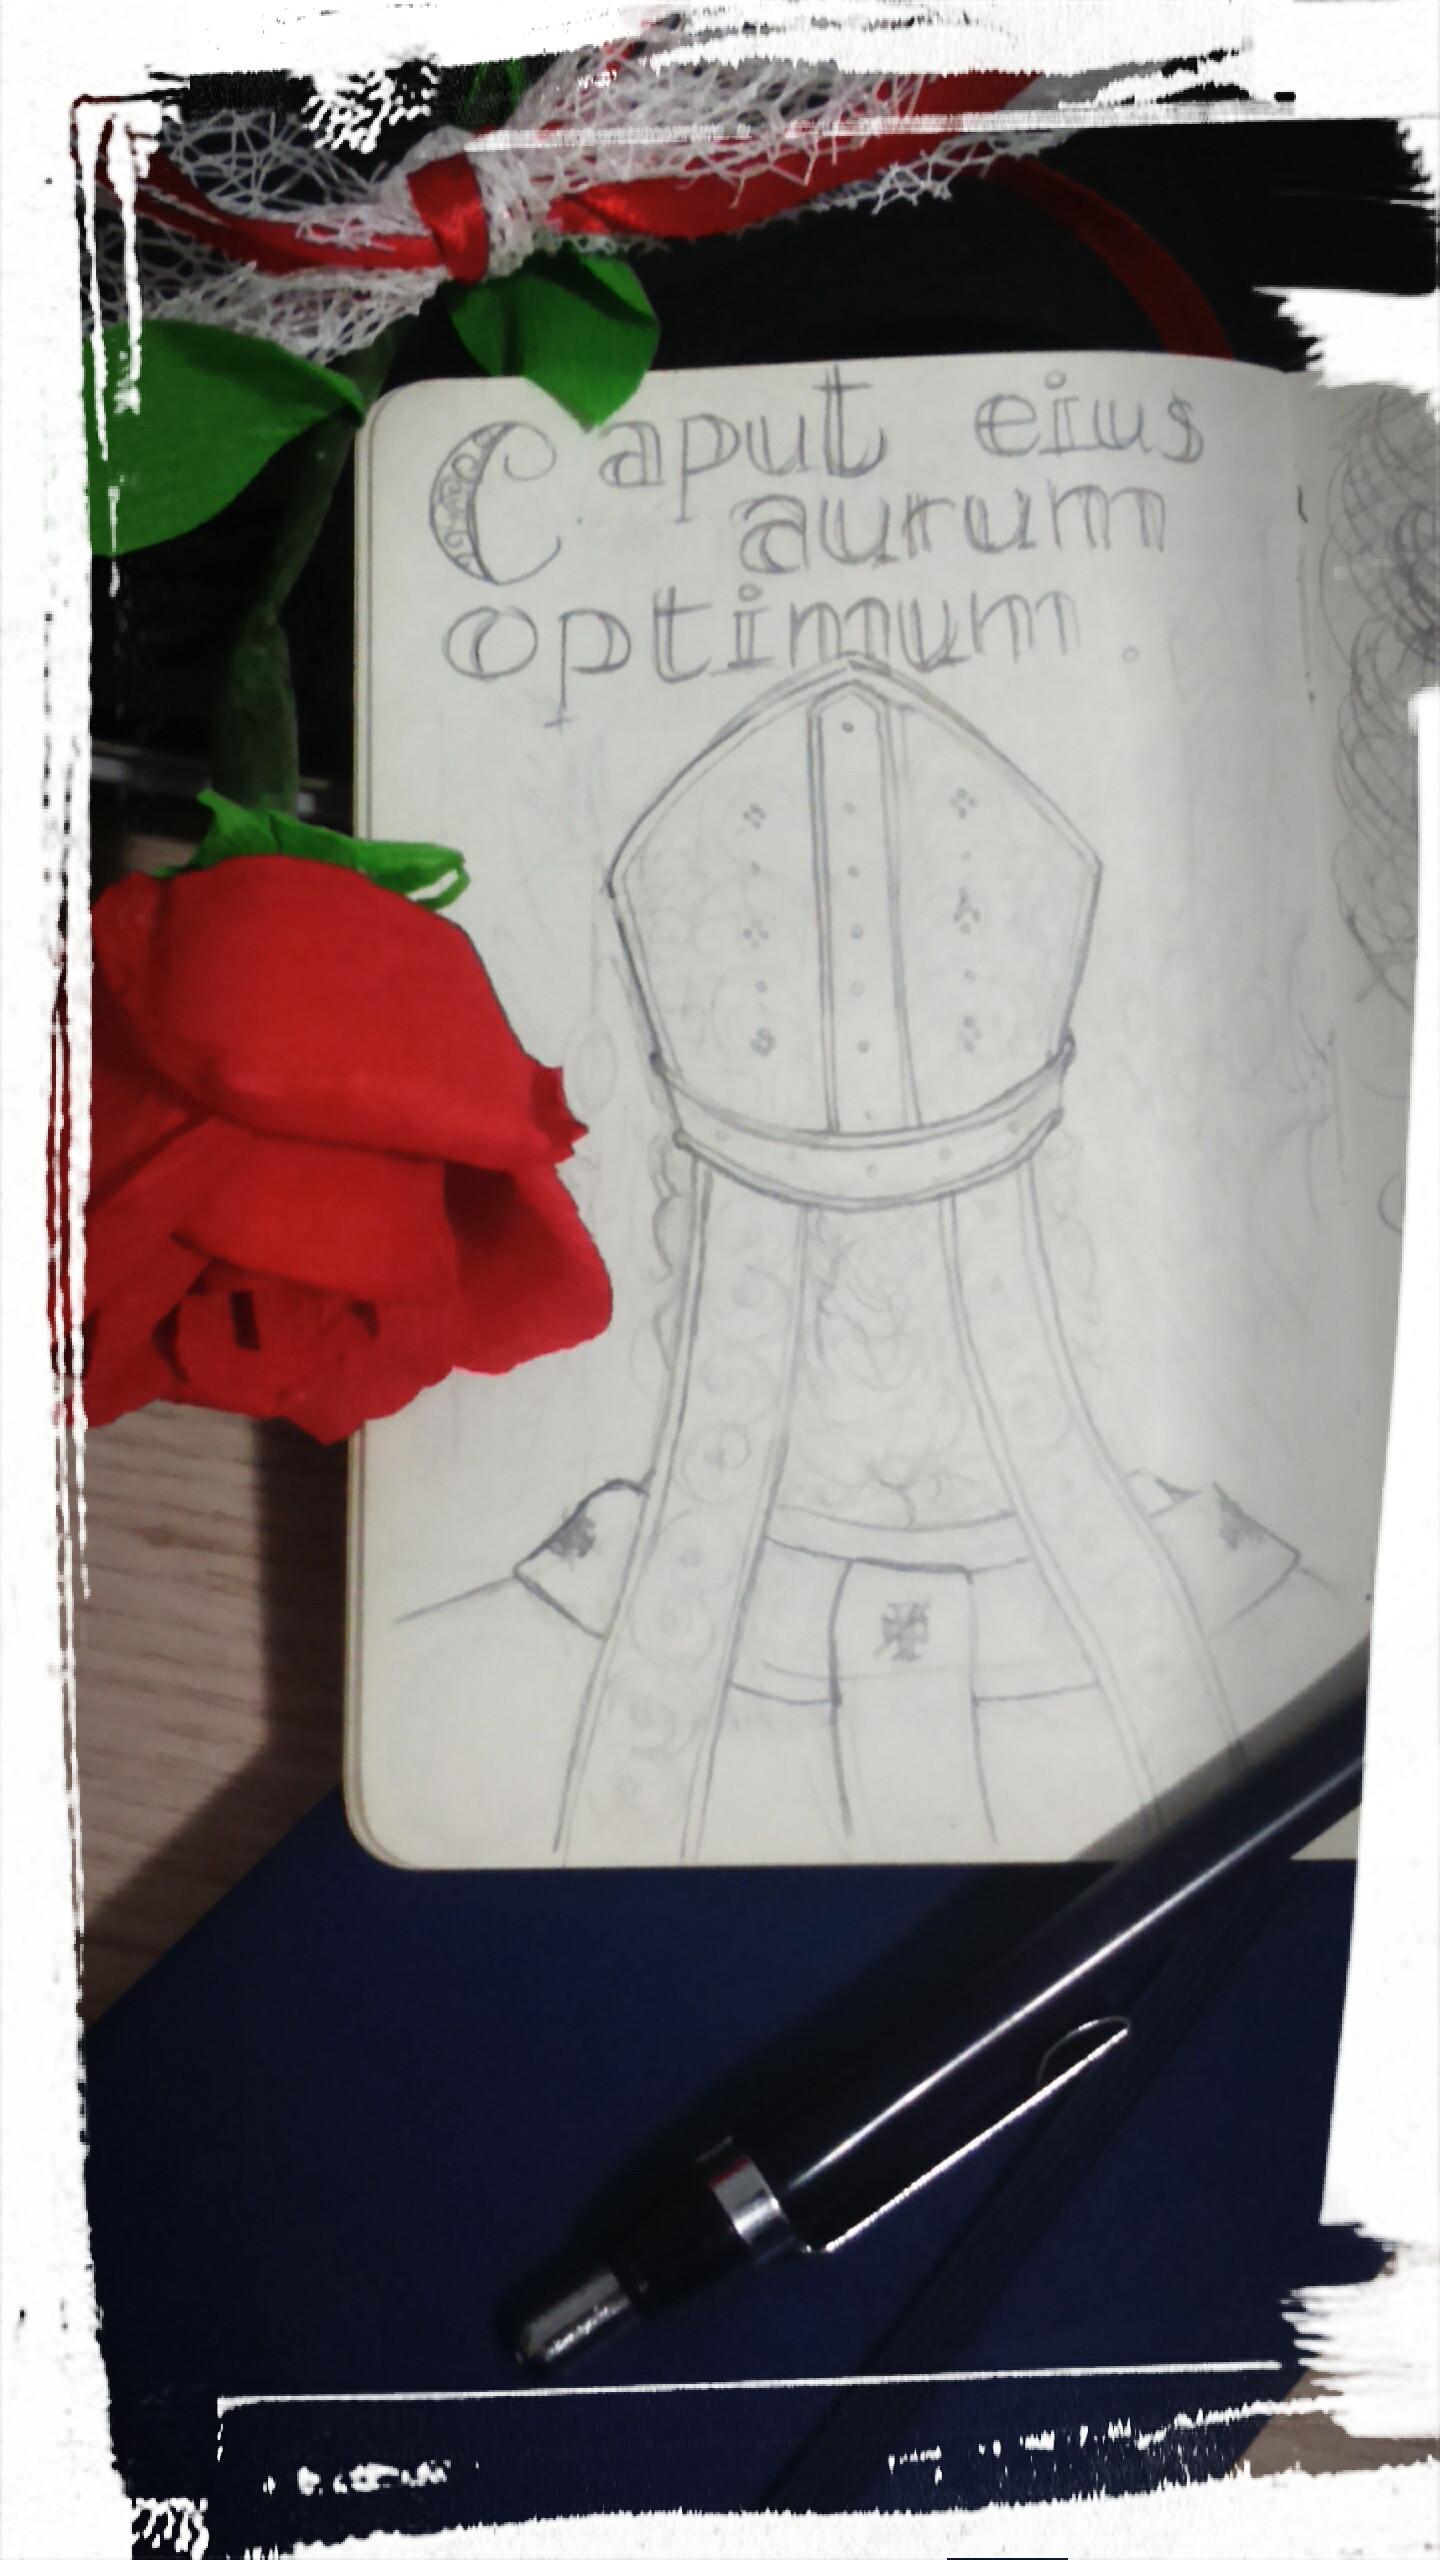 Caput eius aurum optimum…